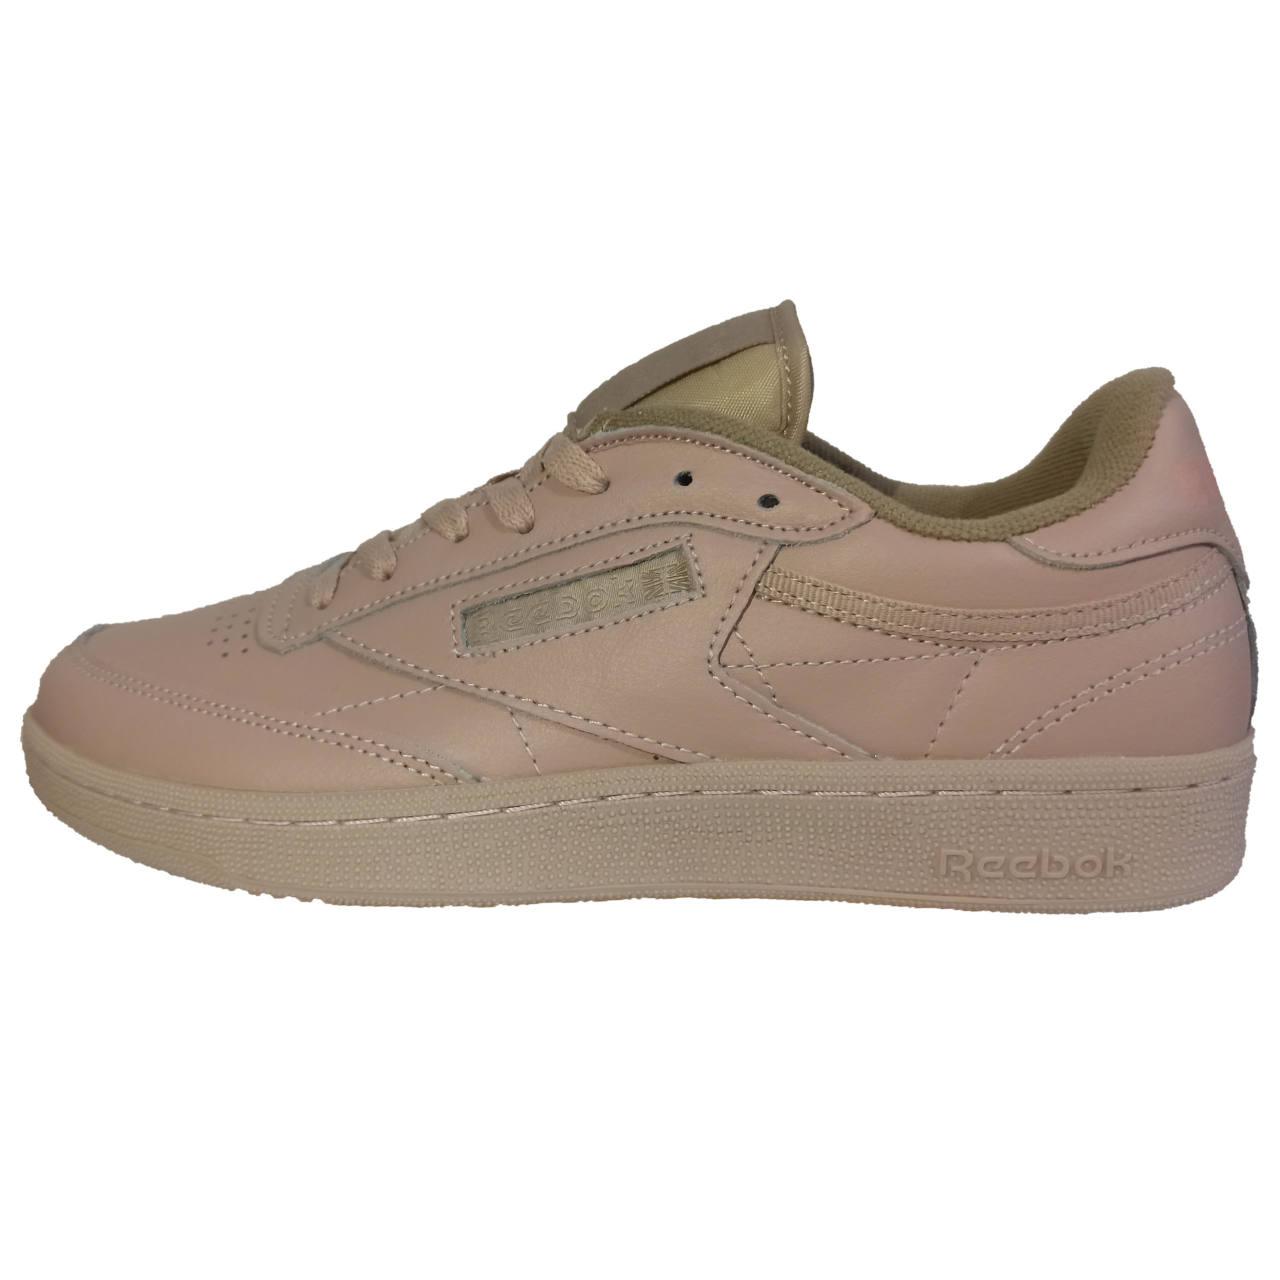 کفش راحتی مردانه ریباک مدل AR0457 کد 21